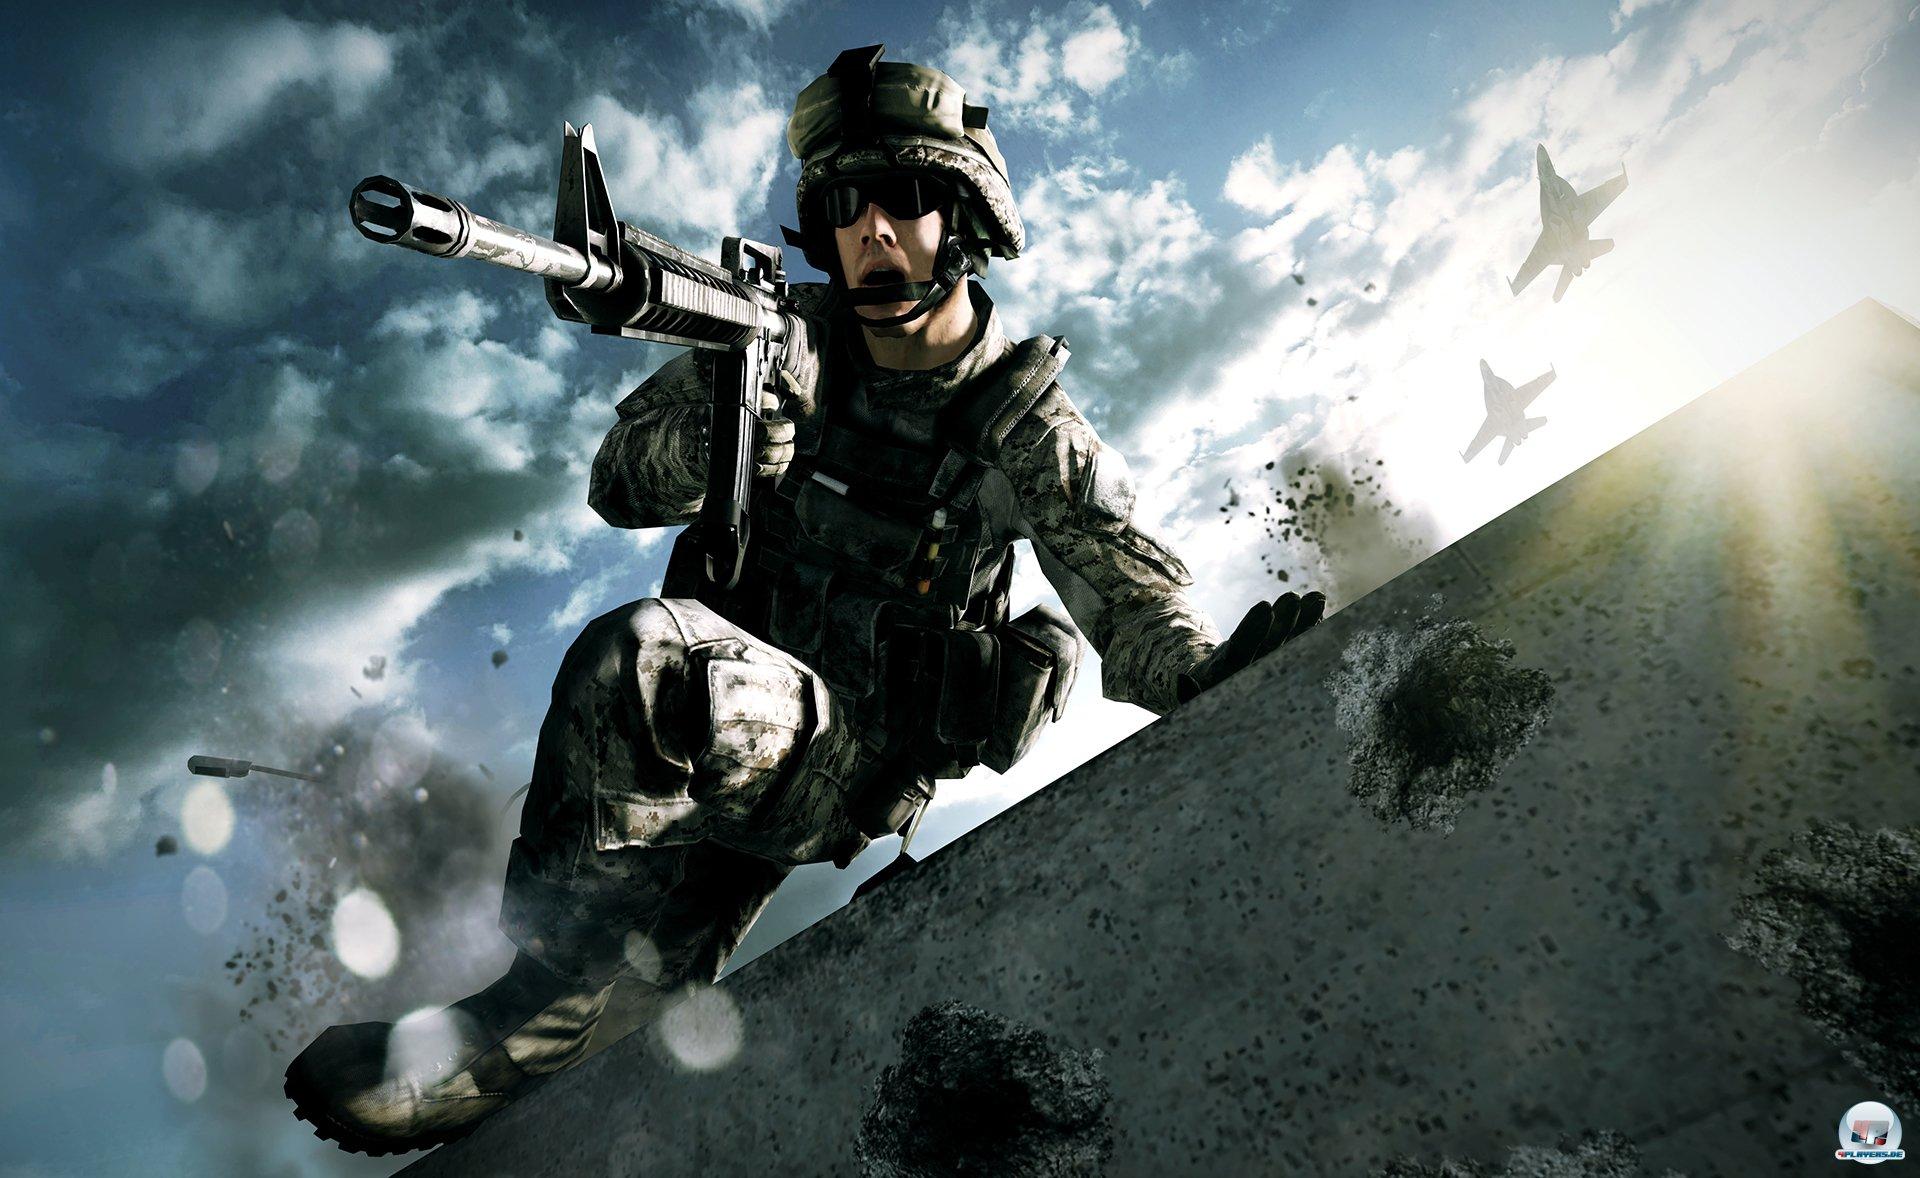 Die neuen Animationen lassen die virtuellen Soldaten enorm realistisch wirken.